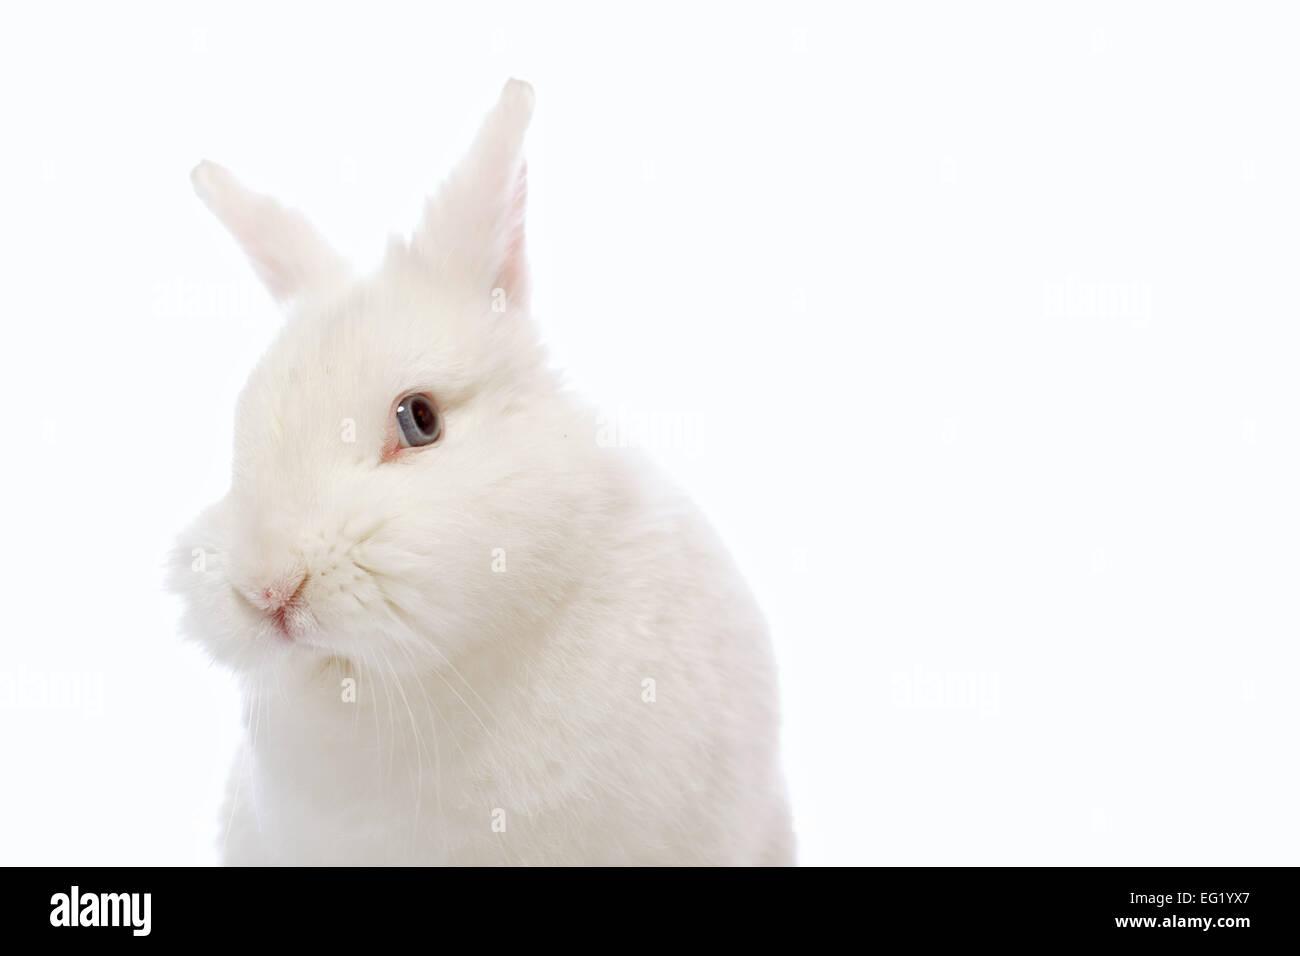 rabbit on white background - Stock Image